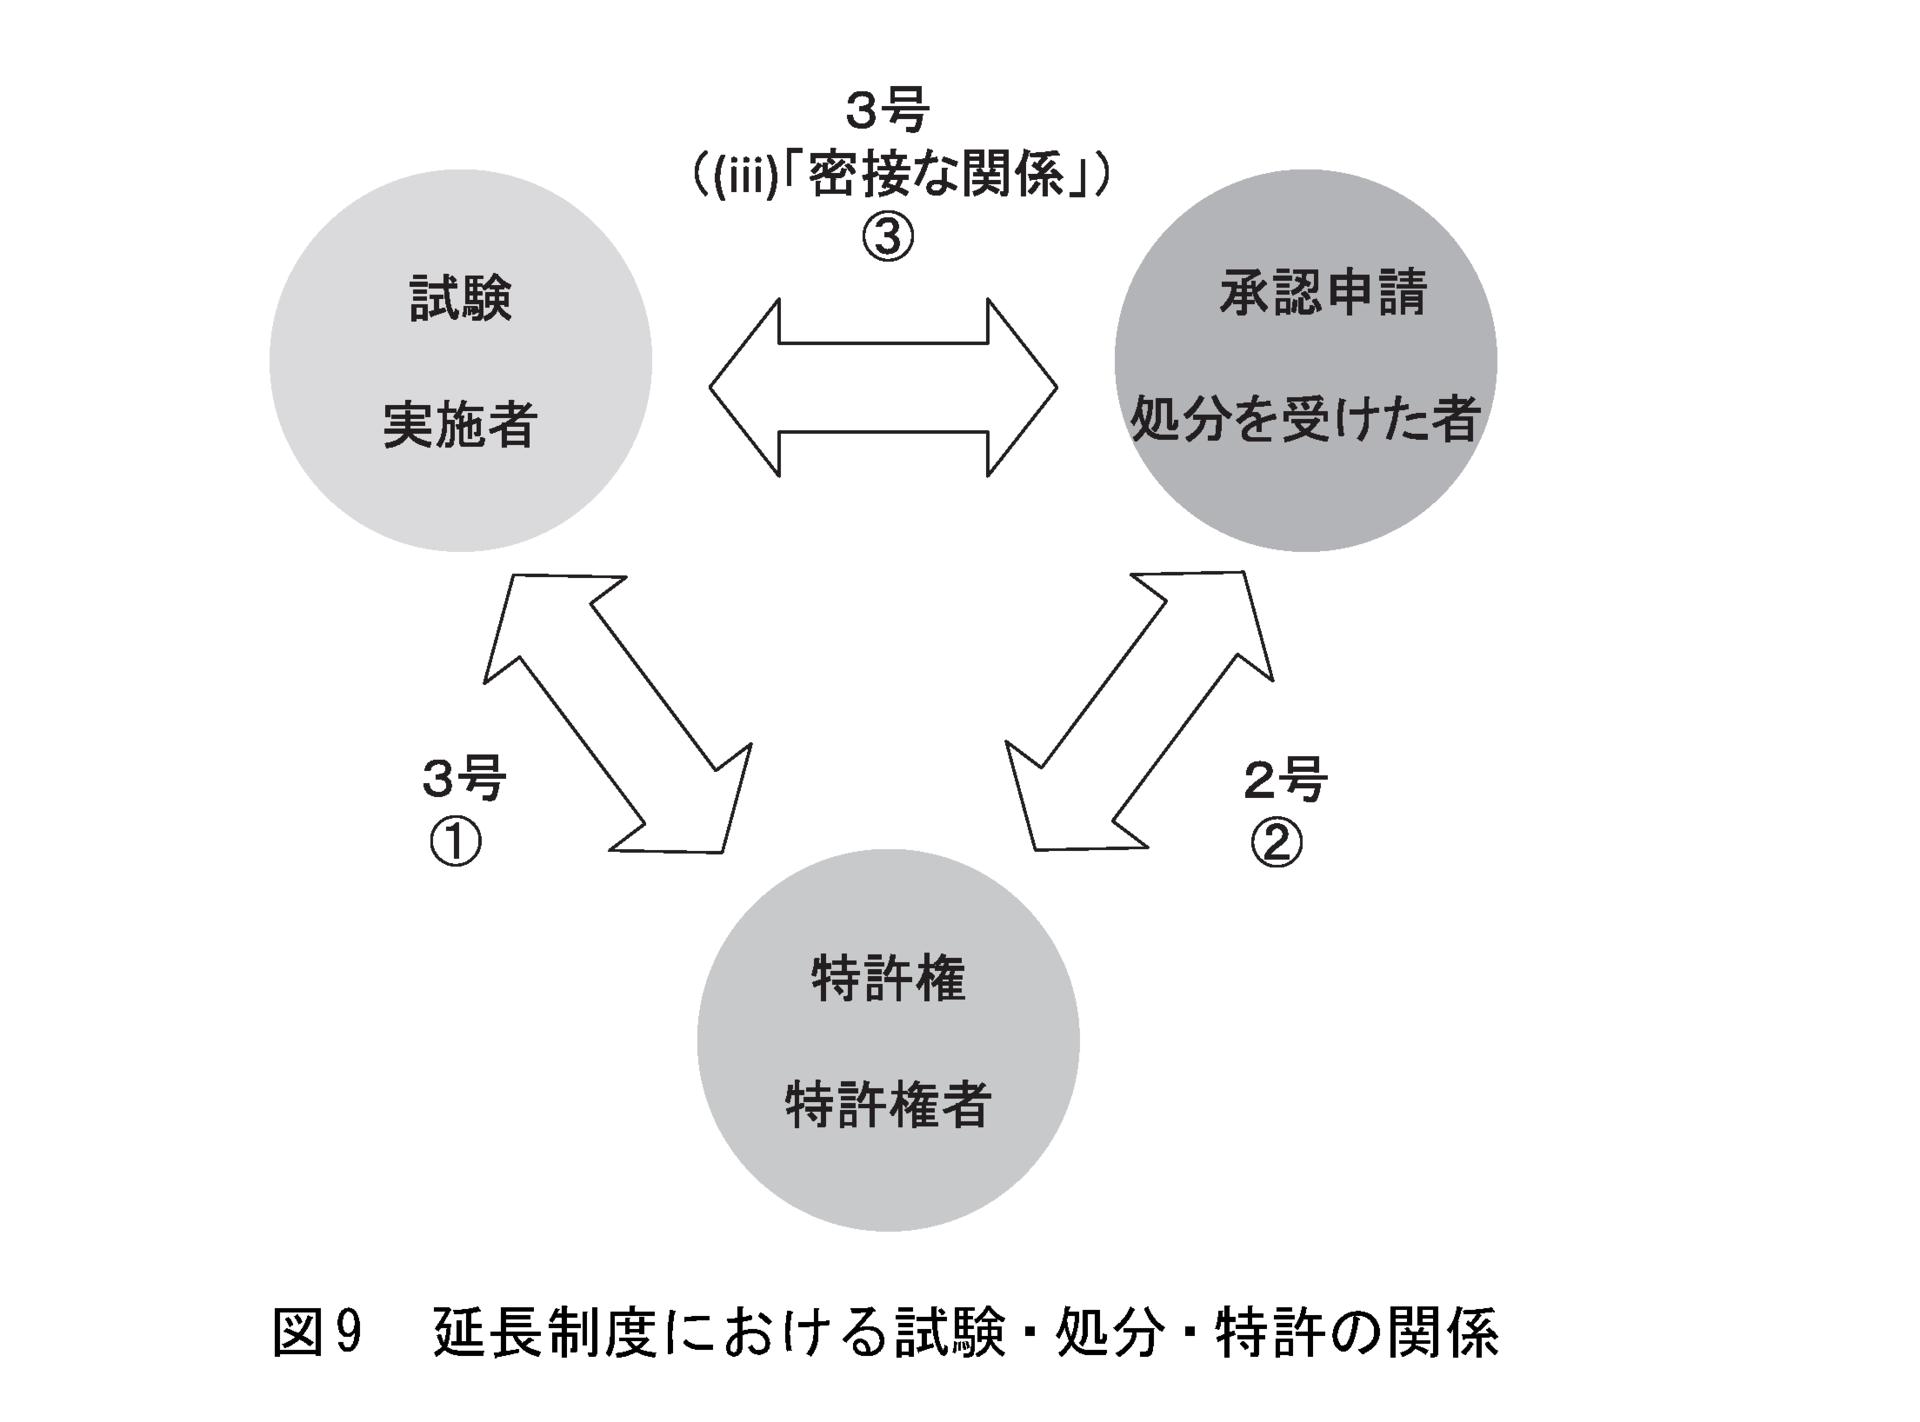 2020shimizu_fig09.png